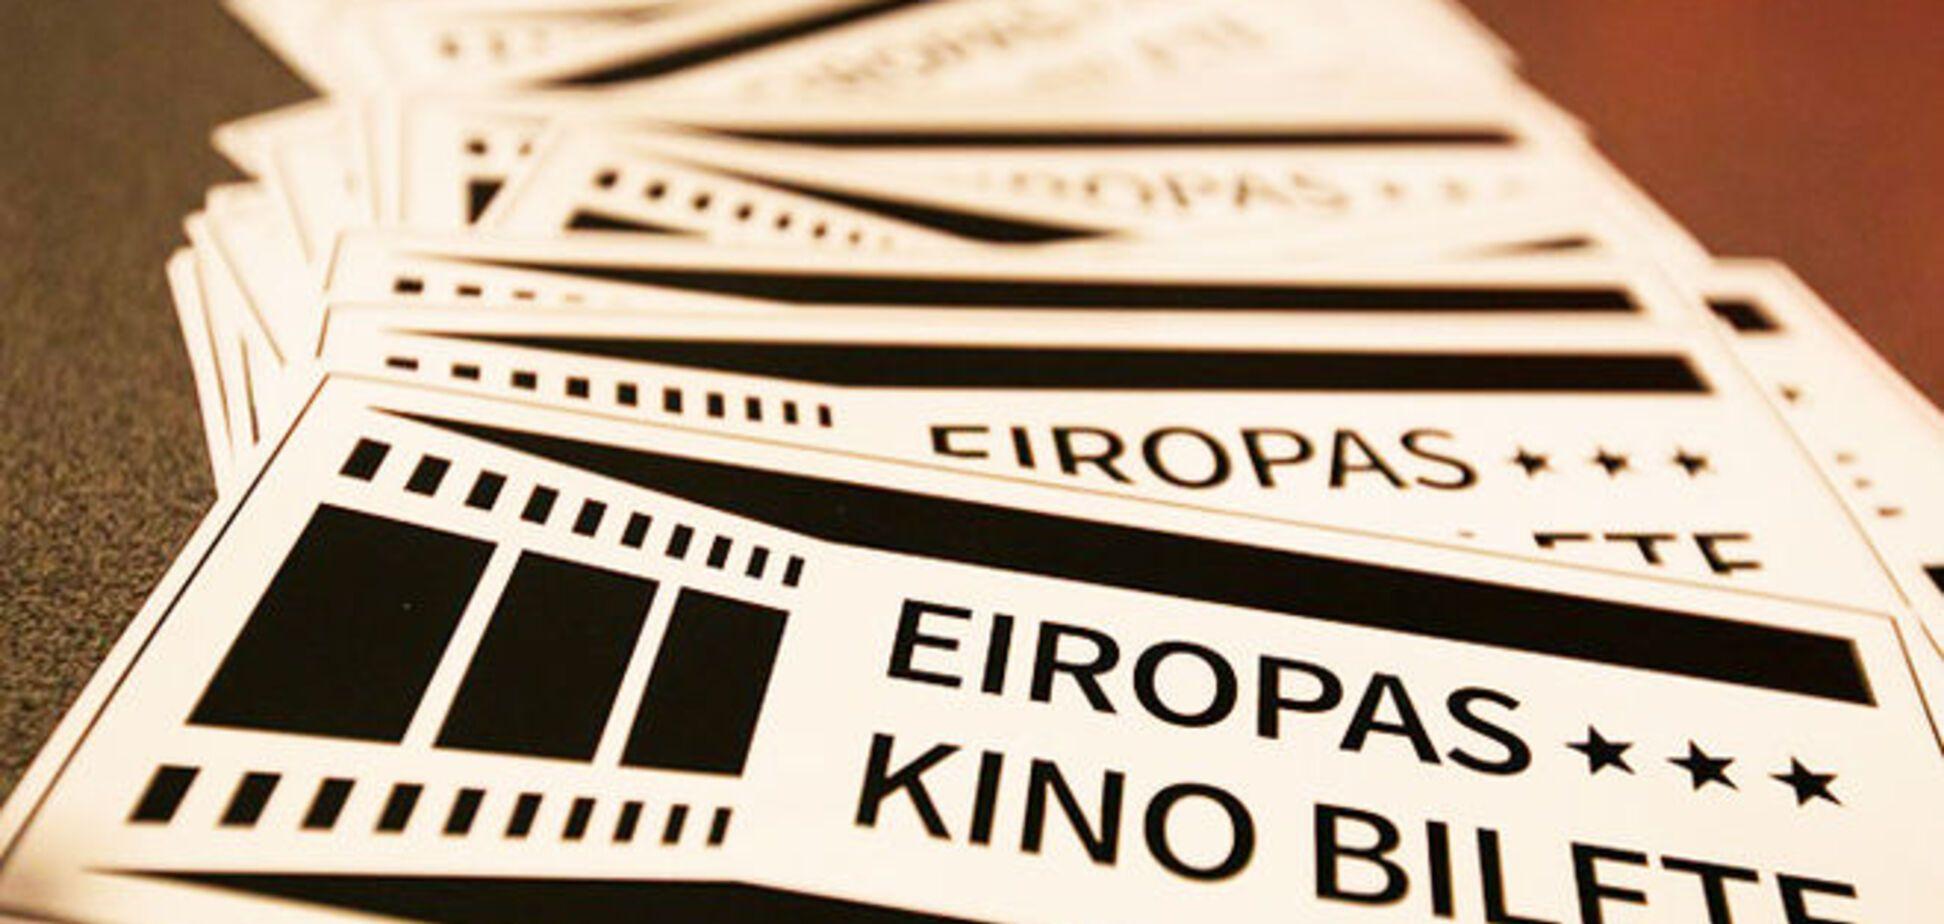 В Каннах рассказали о судьбе европейского кино в цифровую эпоху